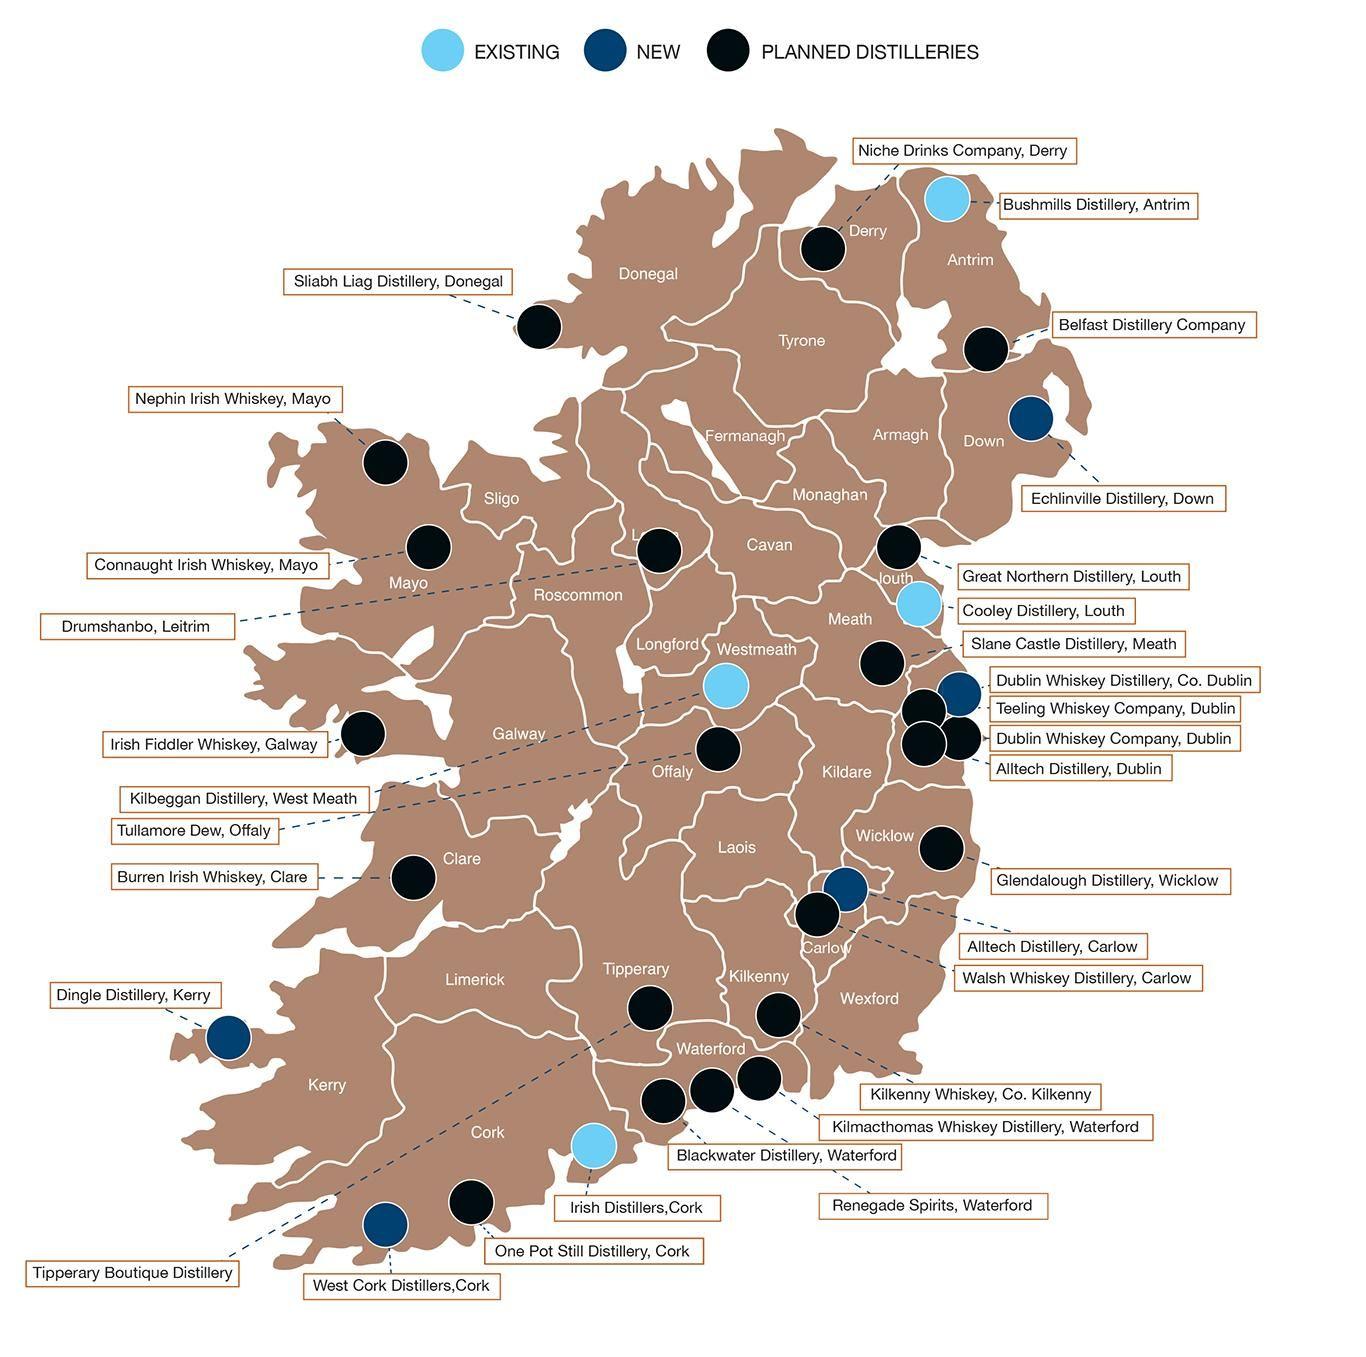 Irische Destillerien Eine Aktuelle Karte Irisch Karten Landkarte